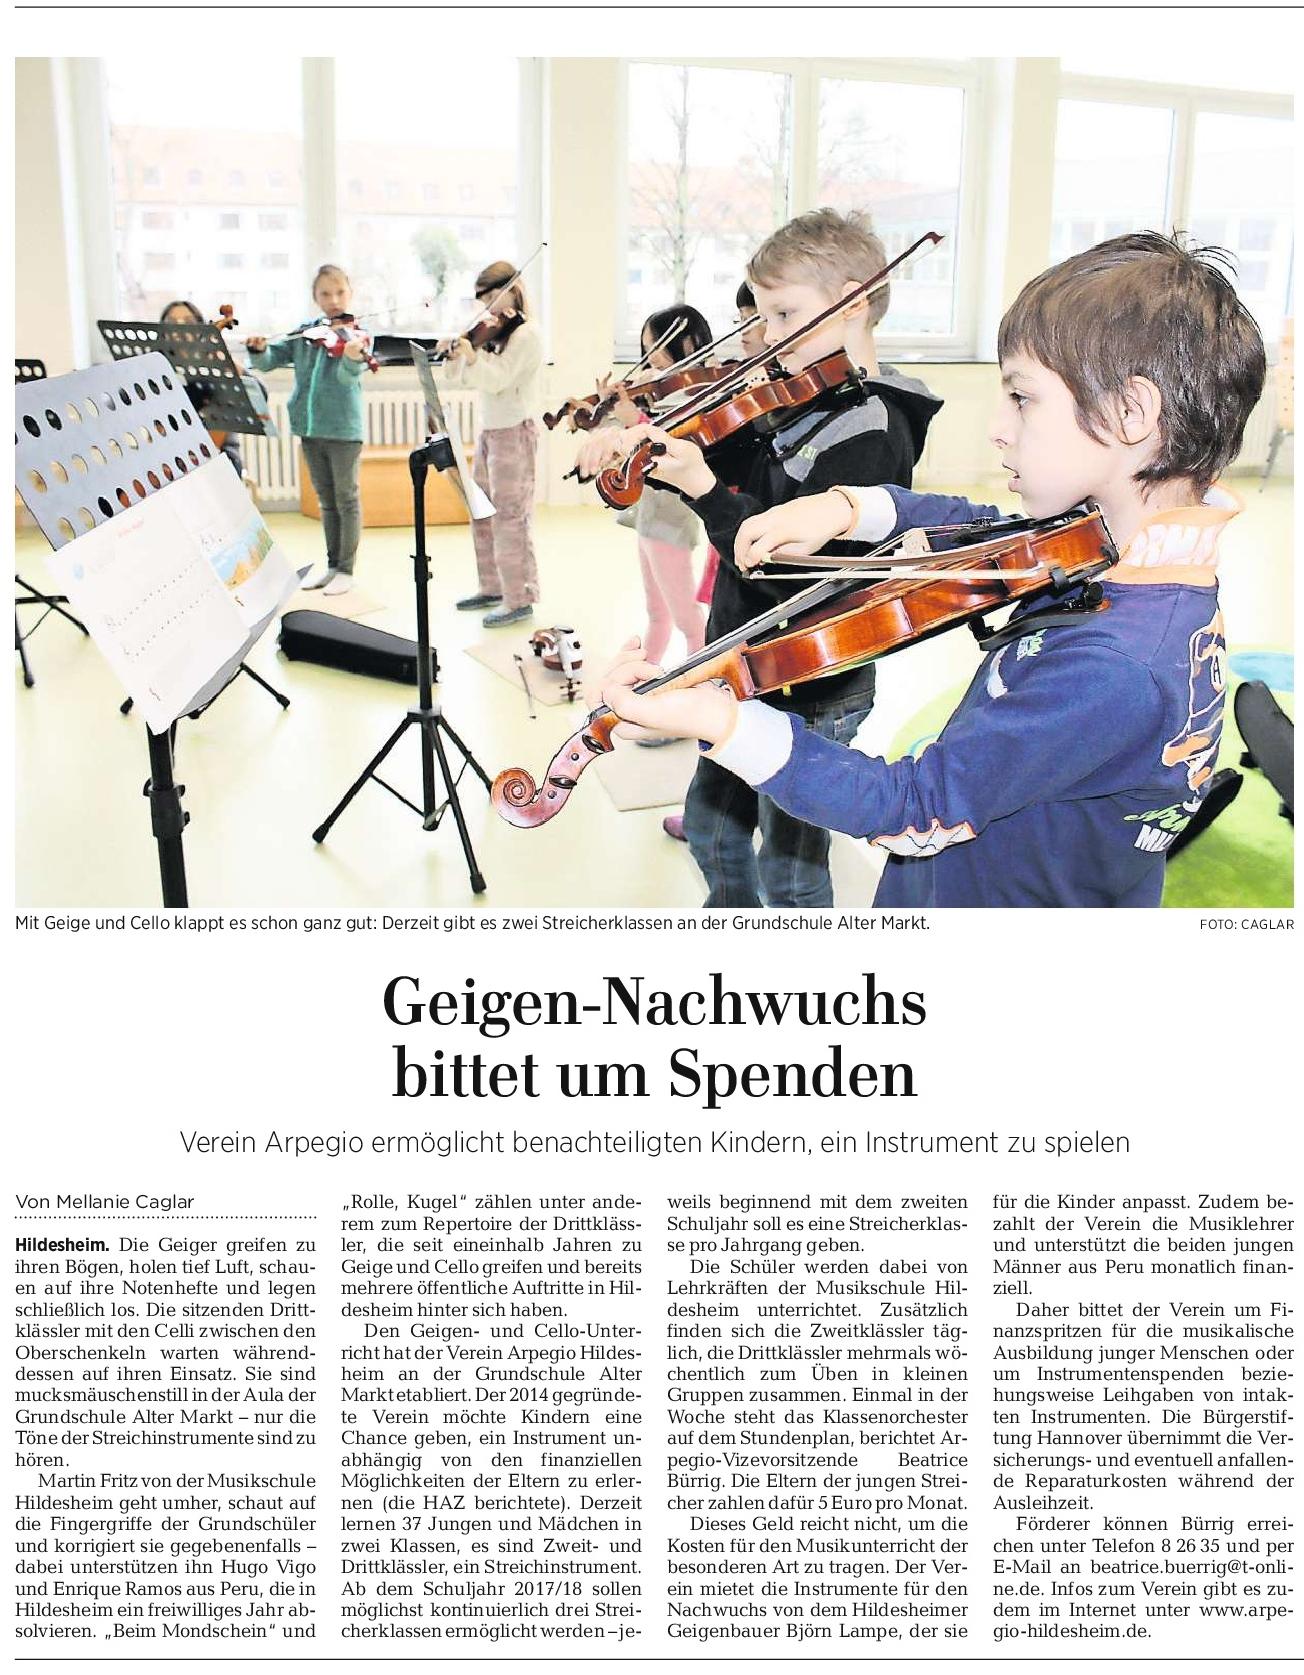 08.03.2017 Quelle: Hildesheimer Allgemeine Zeitung